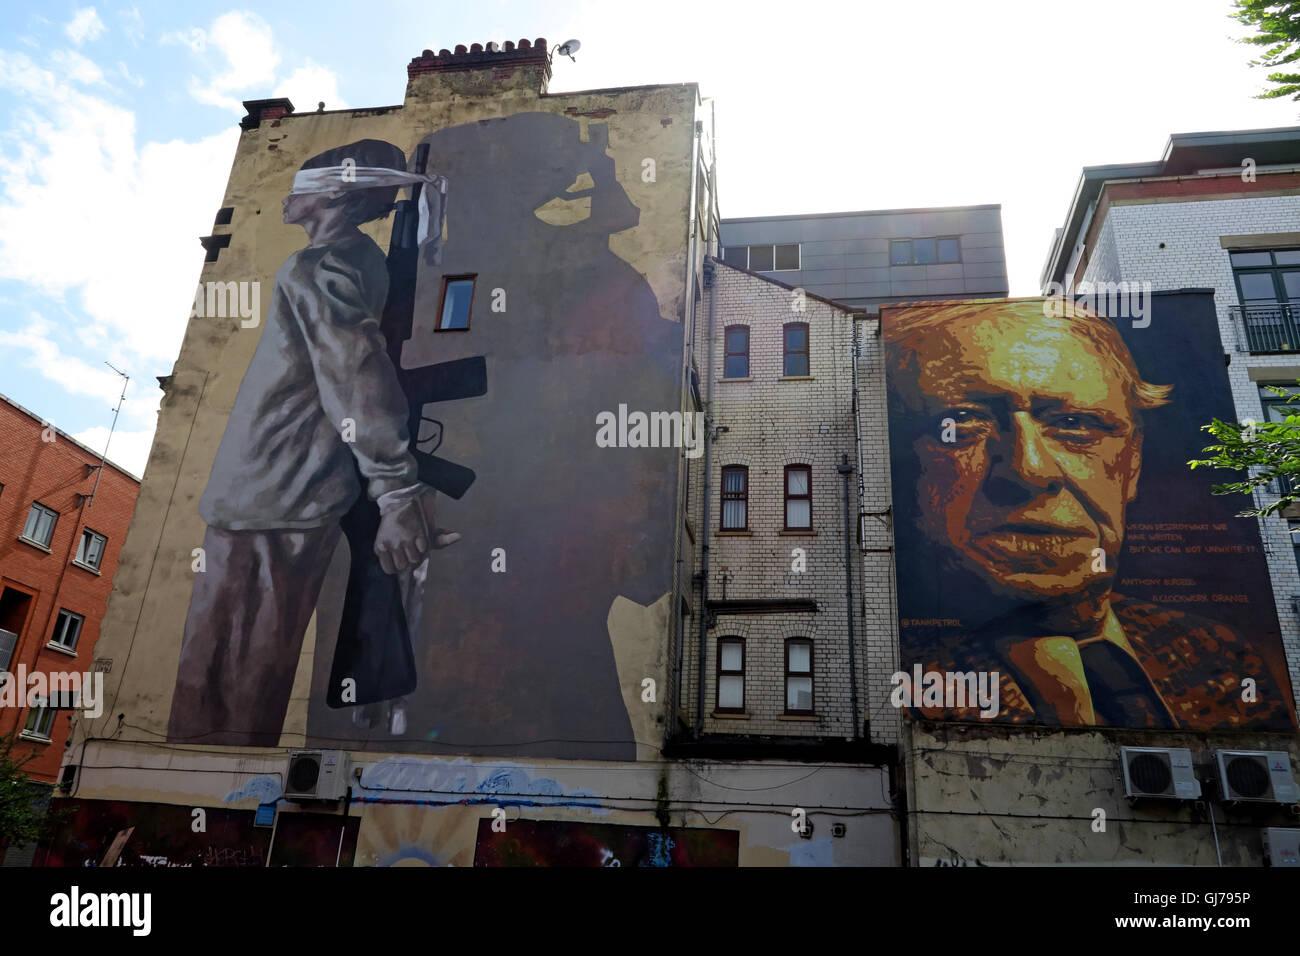 Laden Sie dieses Alamy Stockfoto Autor Anthony Burgess Wandmalerei Kunst arbeiten, mit verbundenen Augen Kind holding Gun, Northern Quarter, Brightwell Spaziergang, Manchester M4 5JD - GJ795P